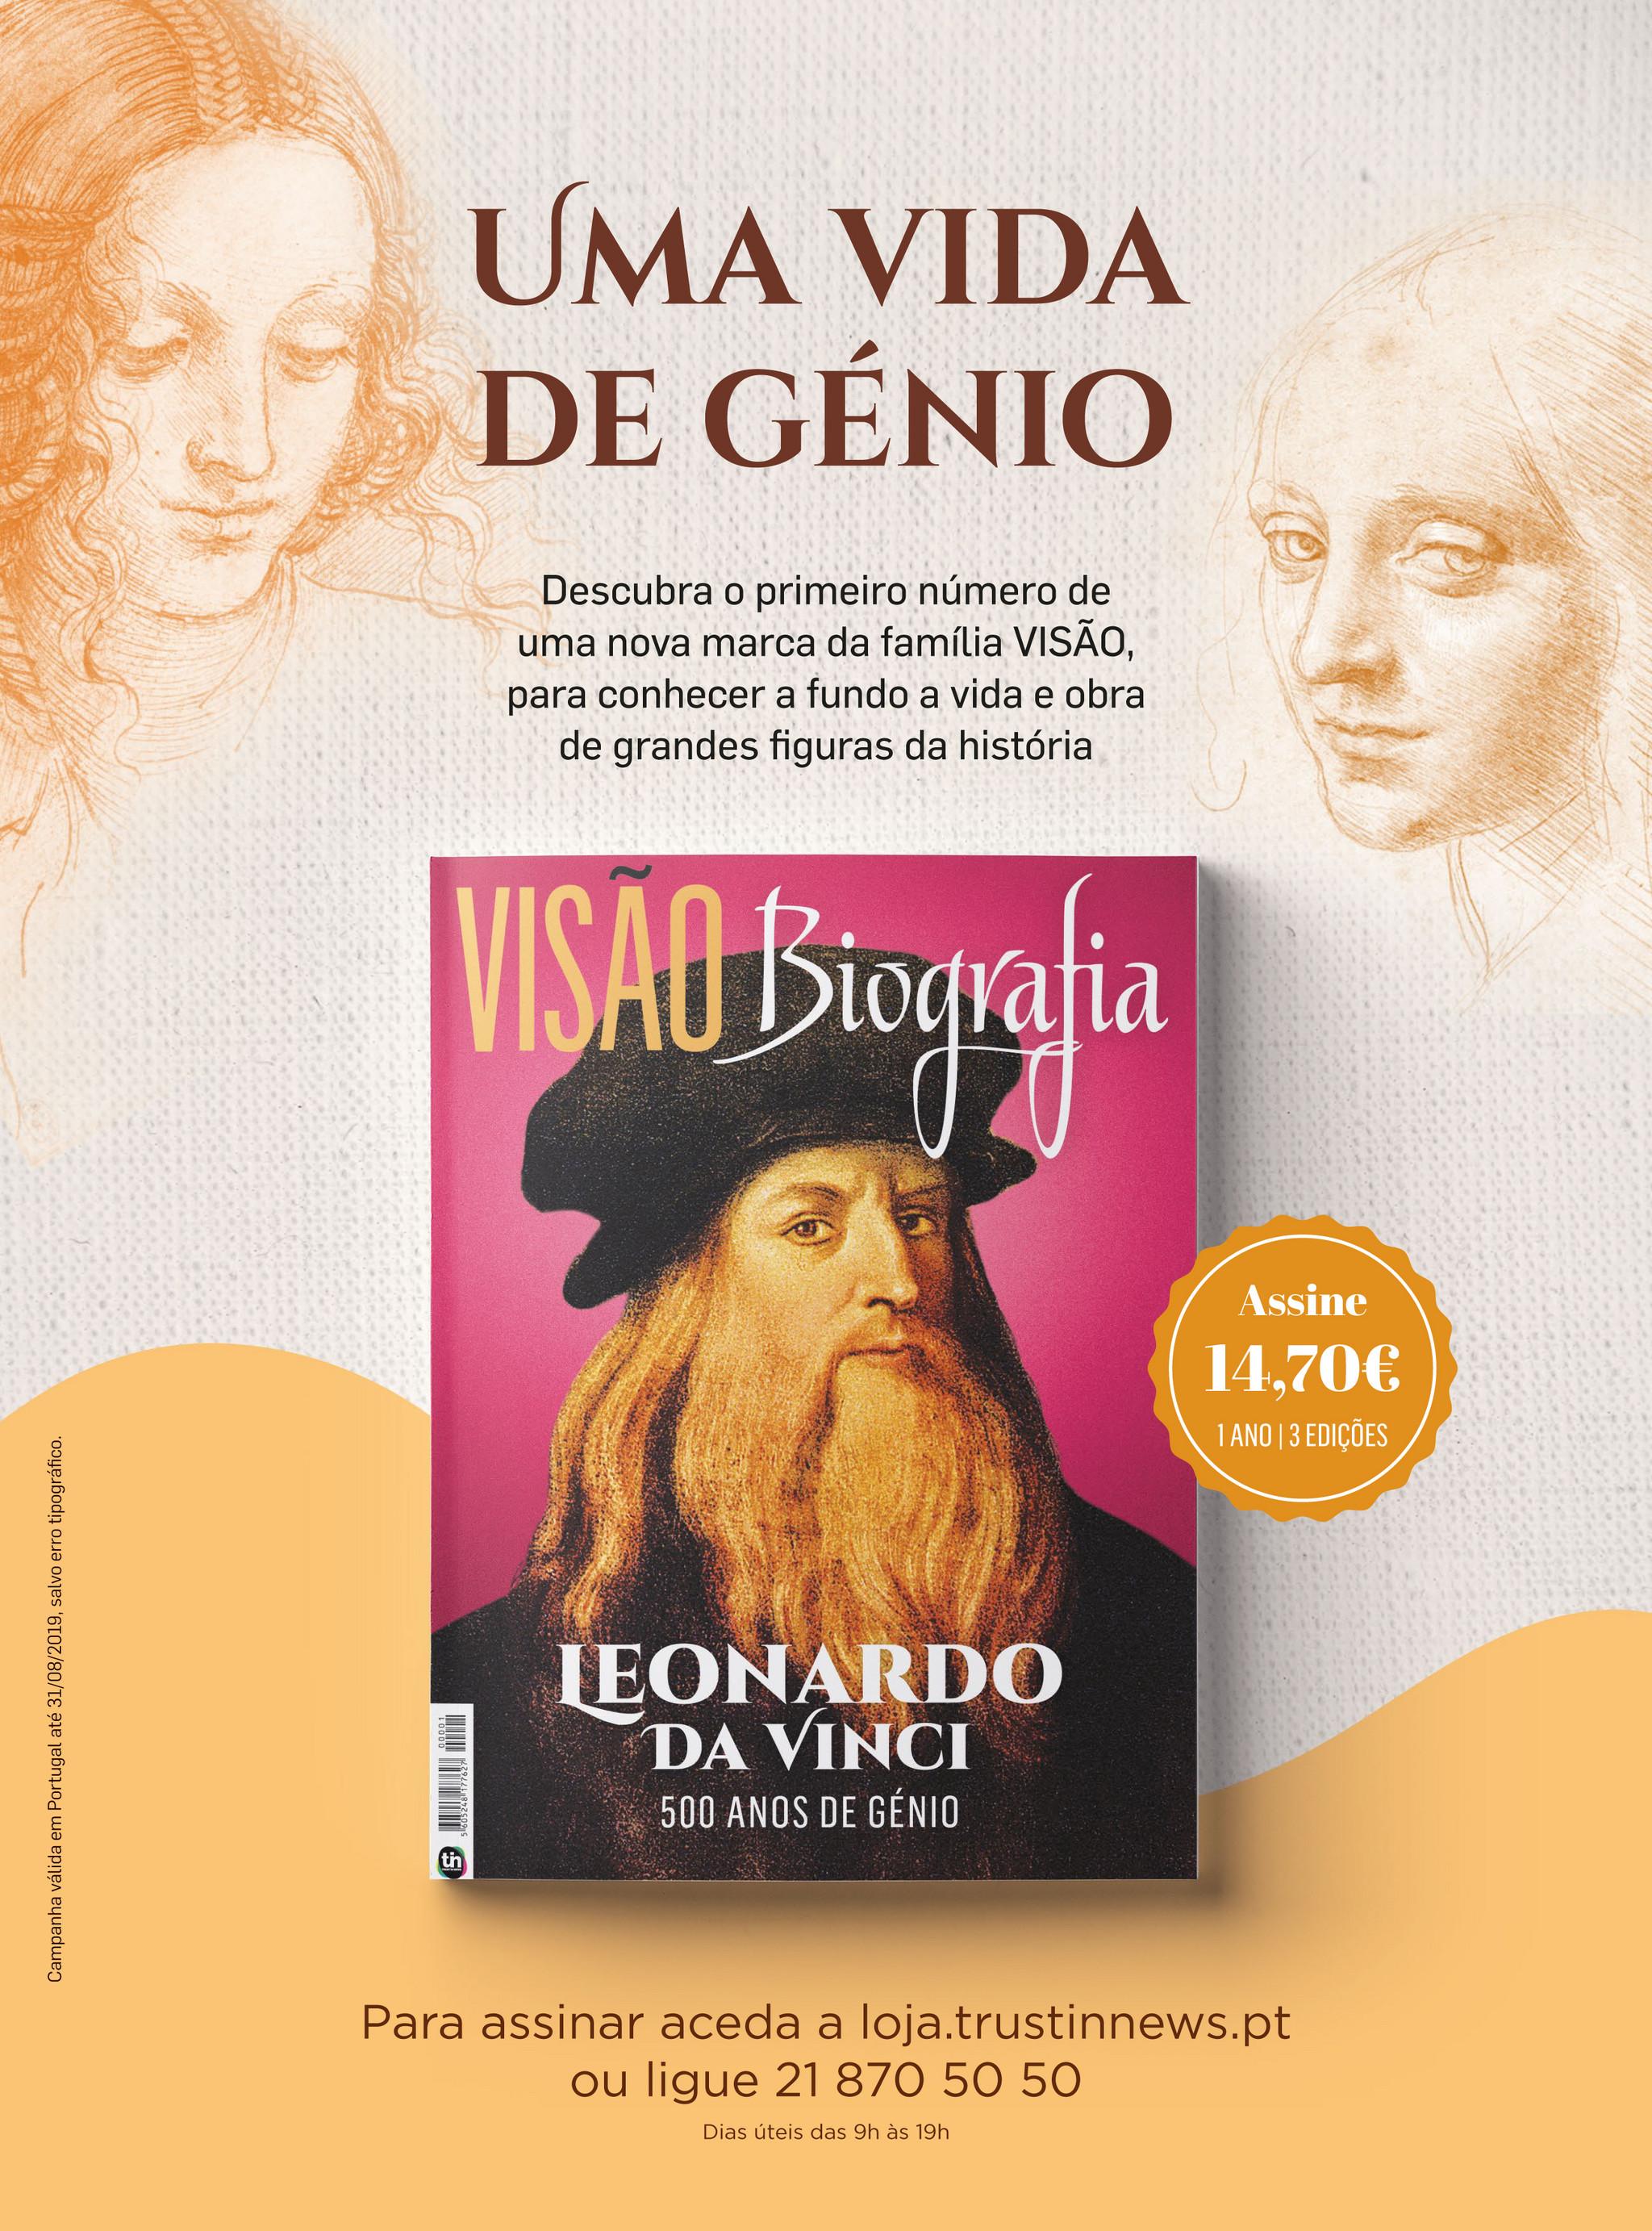 Visao_Bio_Leonardo_final.jpg